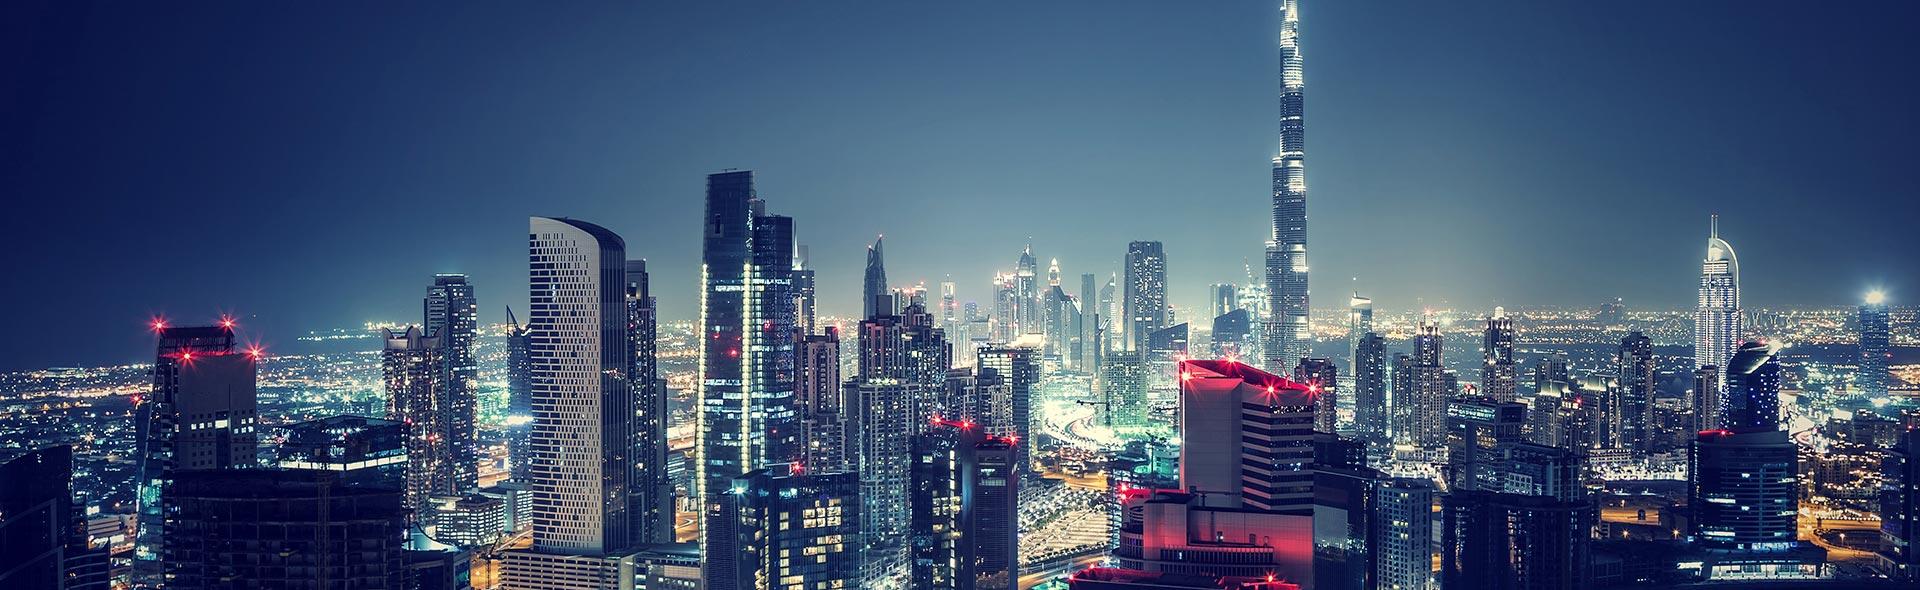 Dubai Islamic Bank Personal Finance